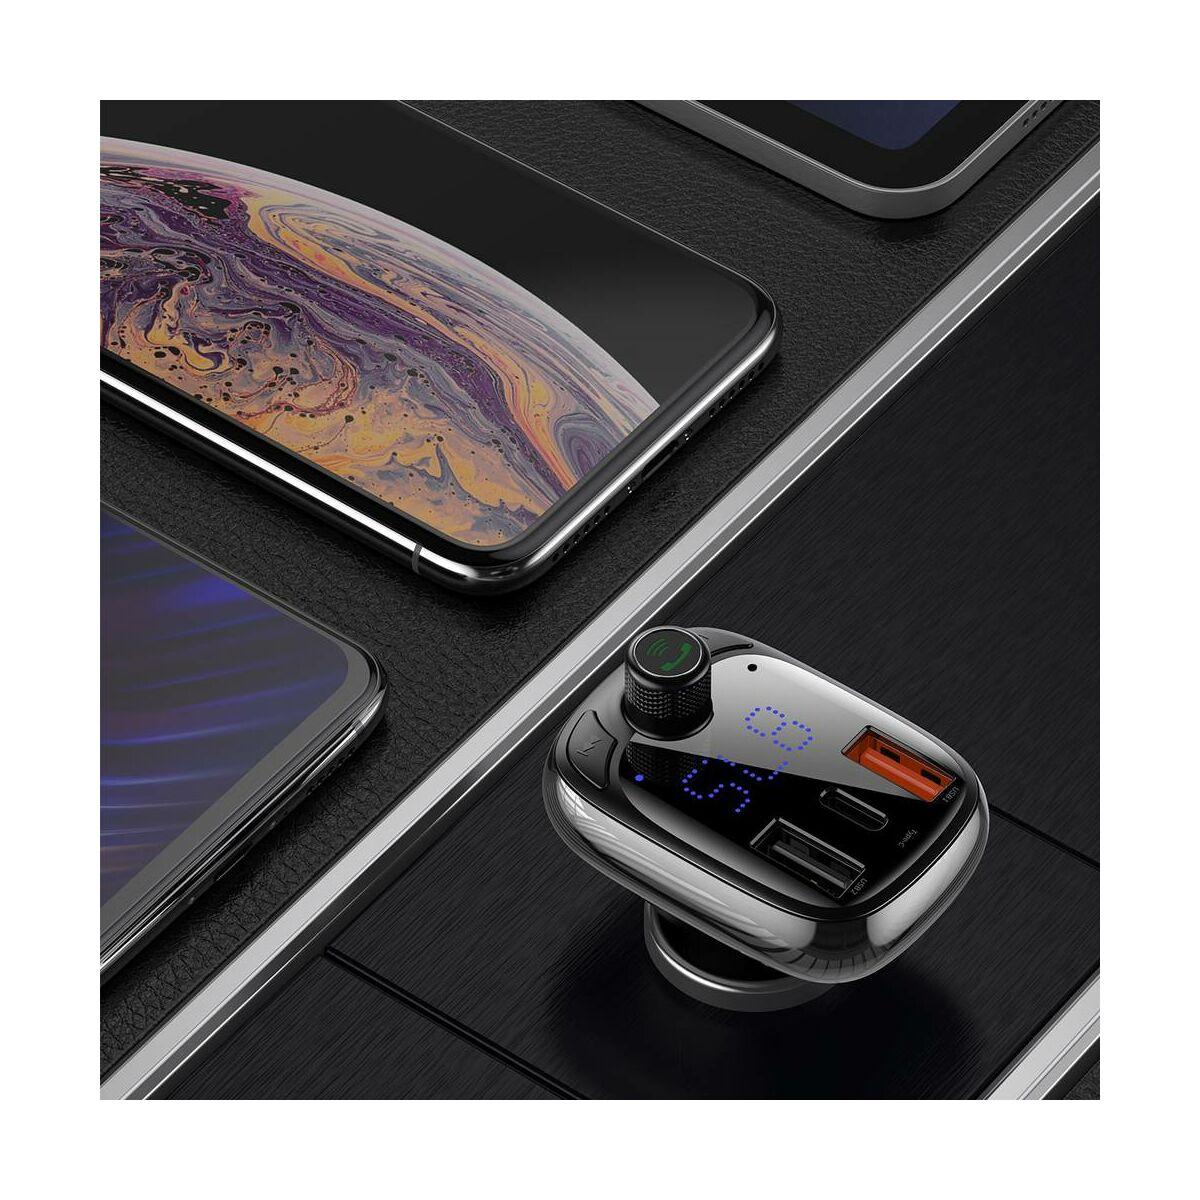 Baseus autós töltő, T-typed okos gyors töltés funkcióval, Bluetooth MP3 hallgatás, 5A, fekete (CCTM-B01)